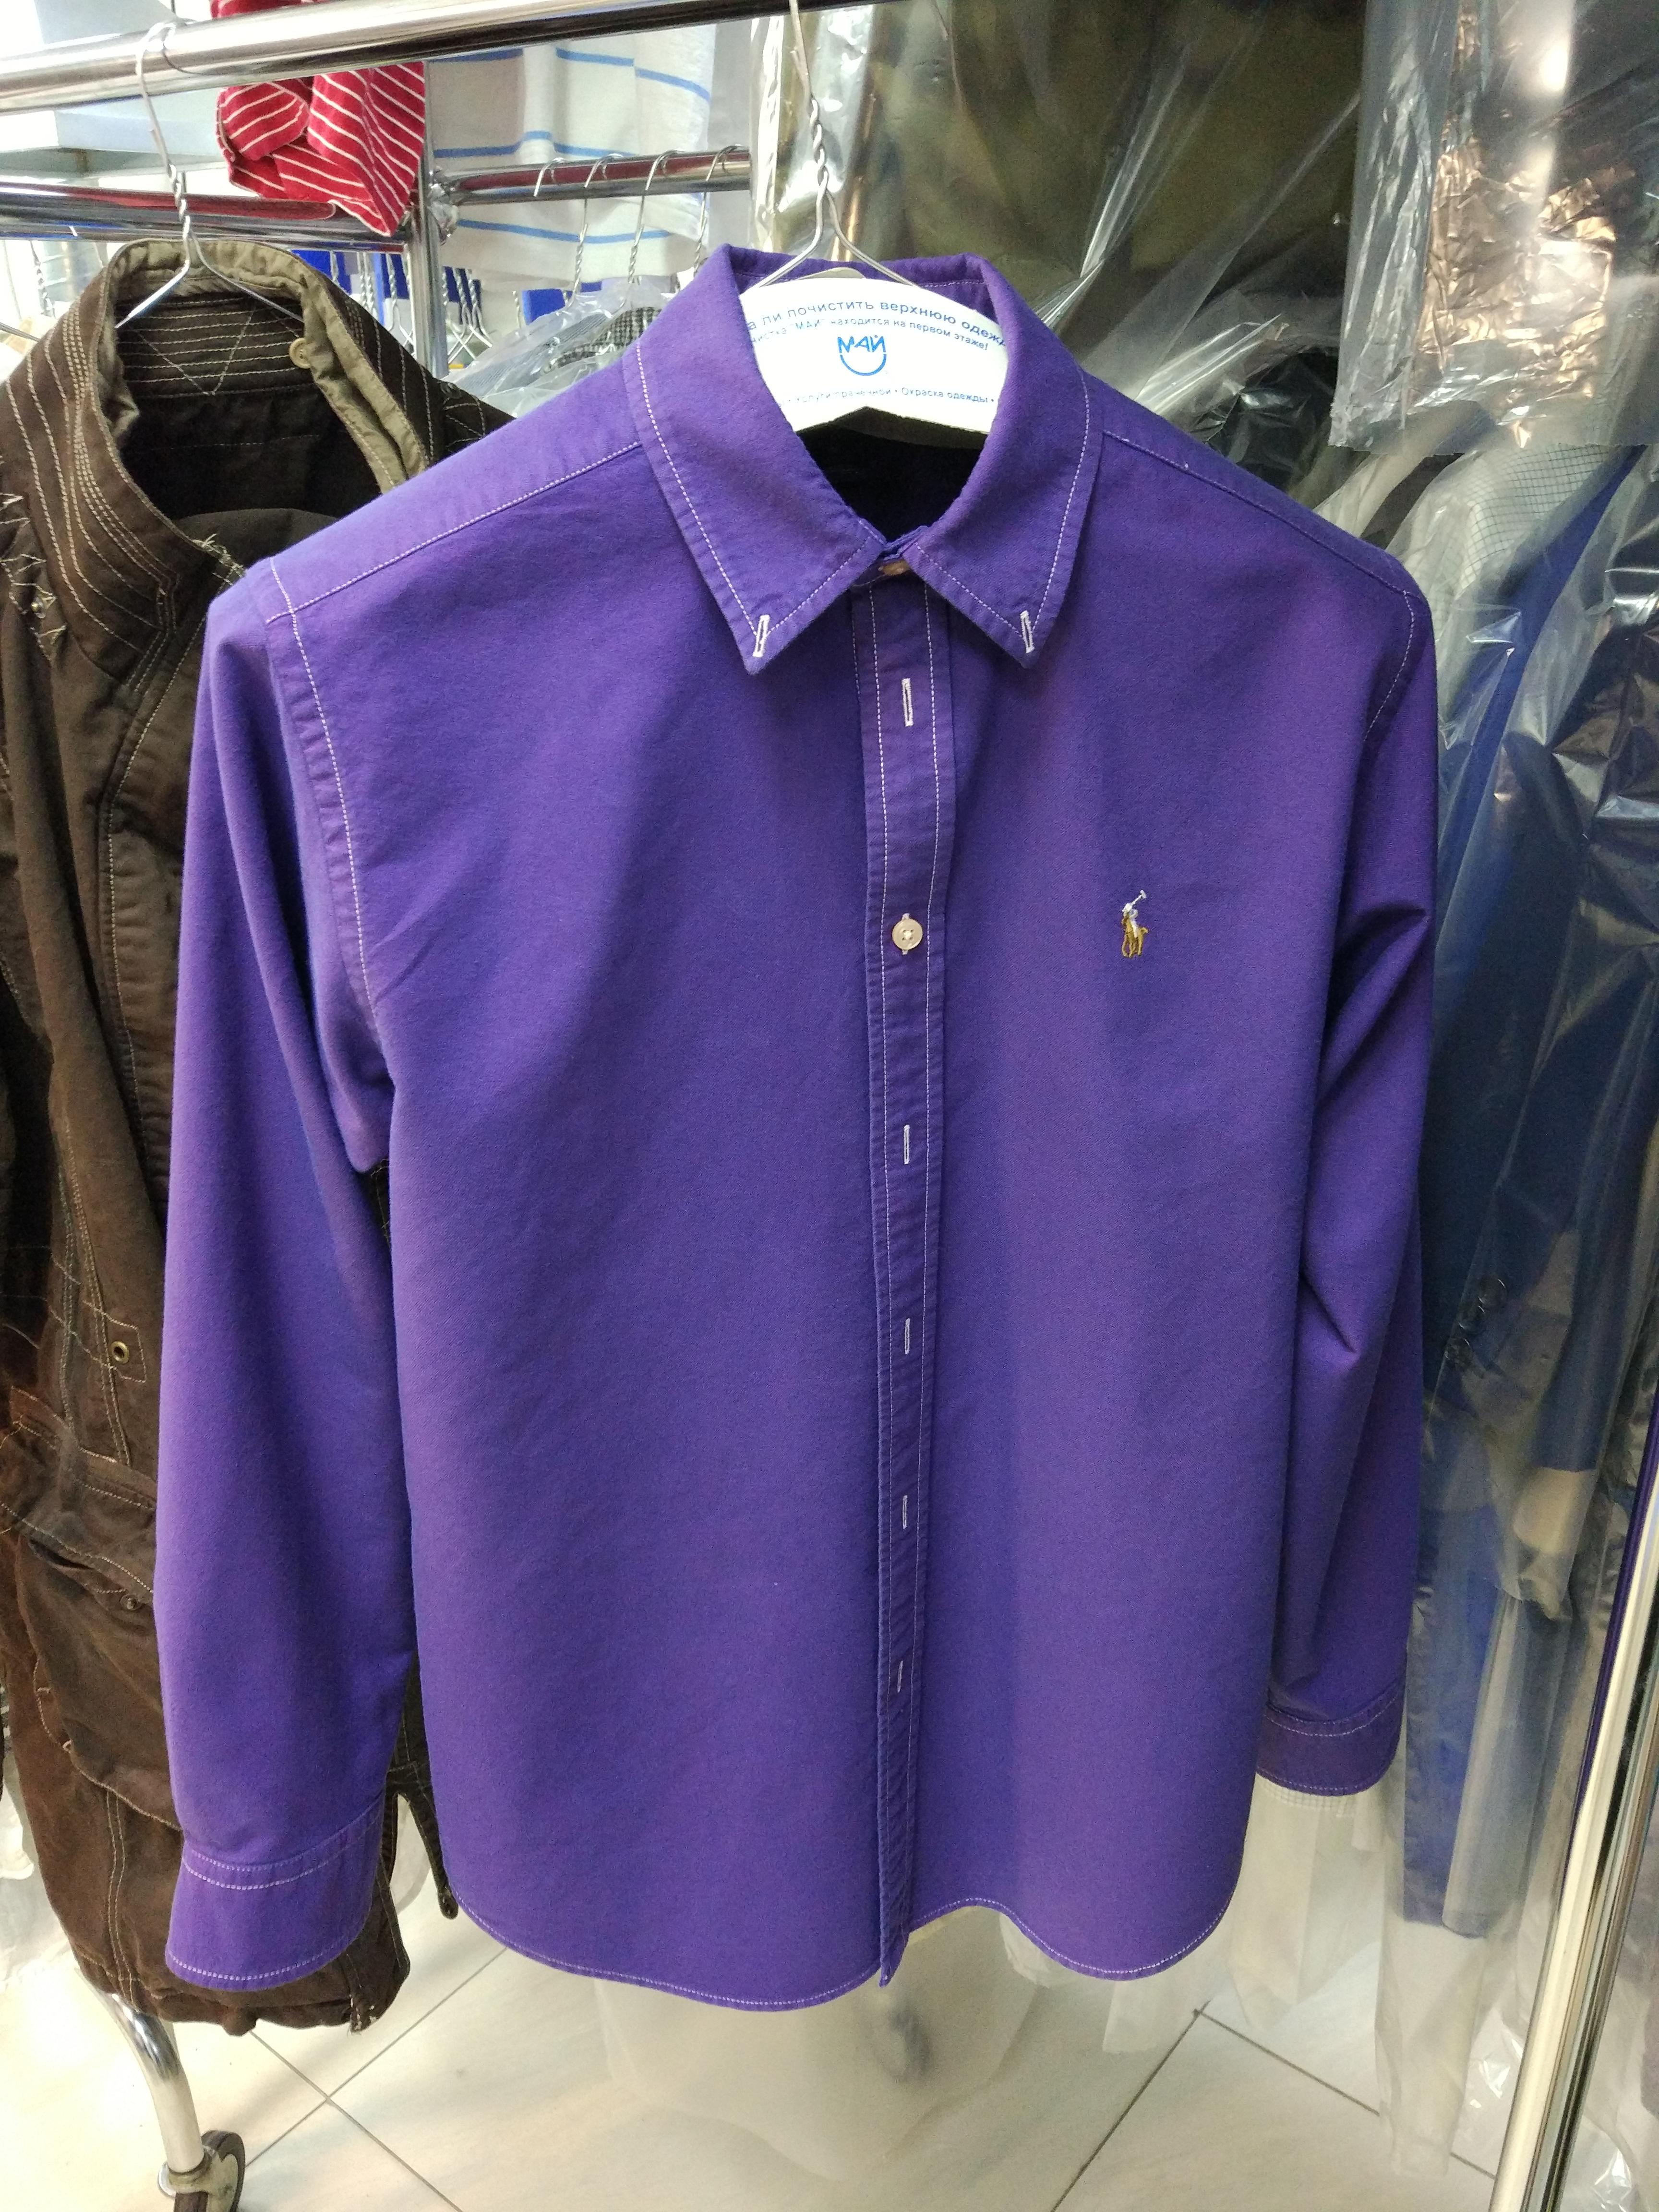 After-Окраска рубашки Ralph Lauren из белого в фиолетовый